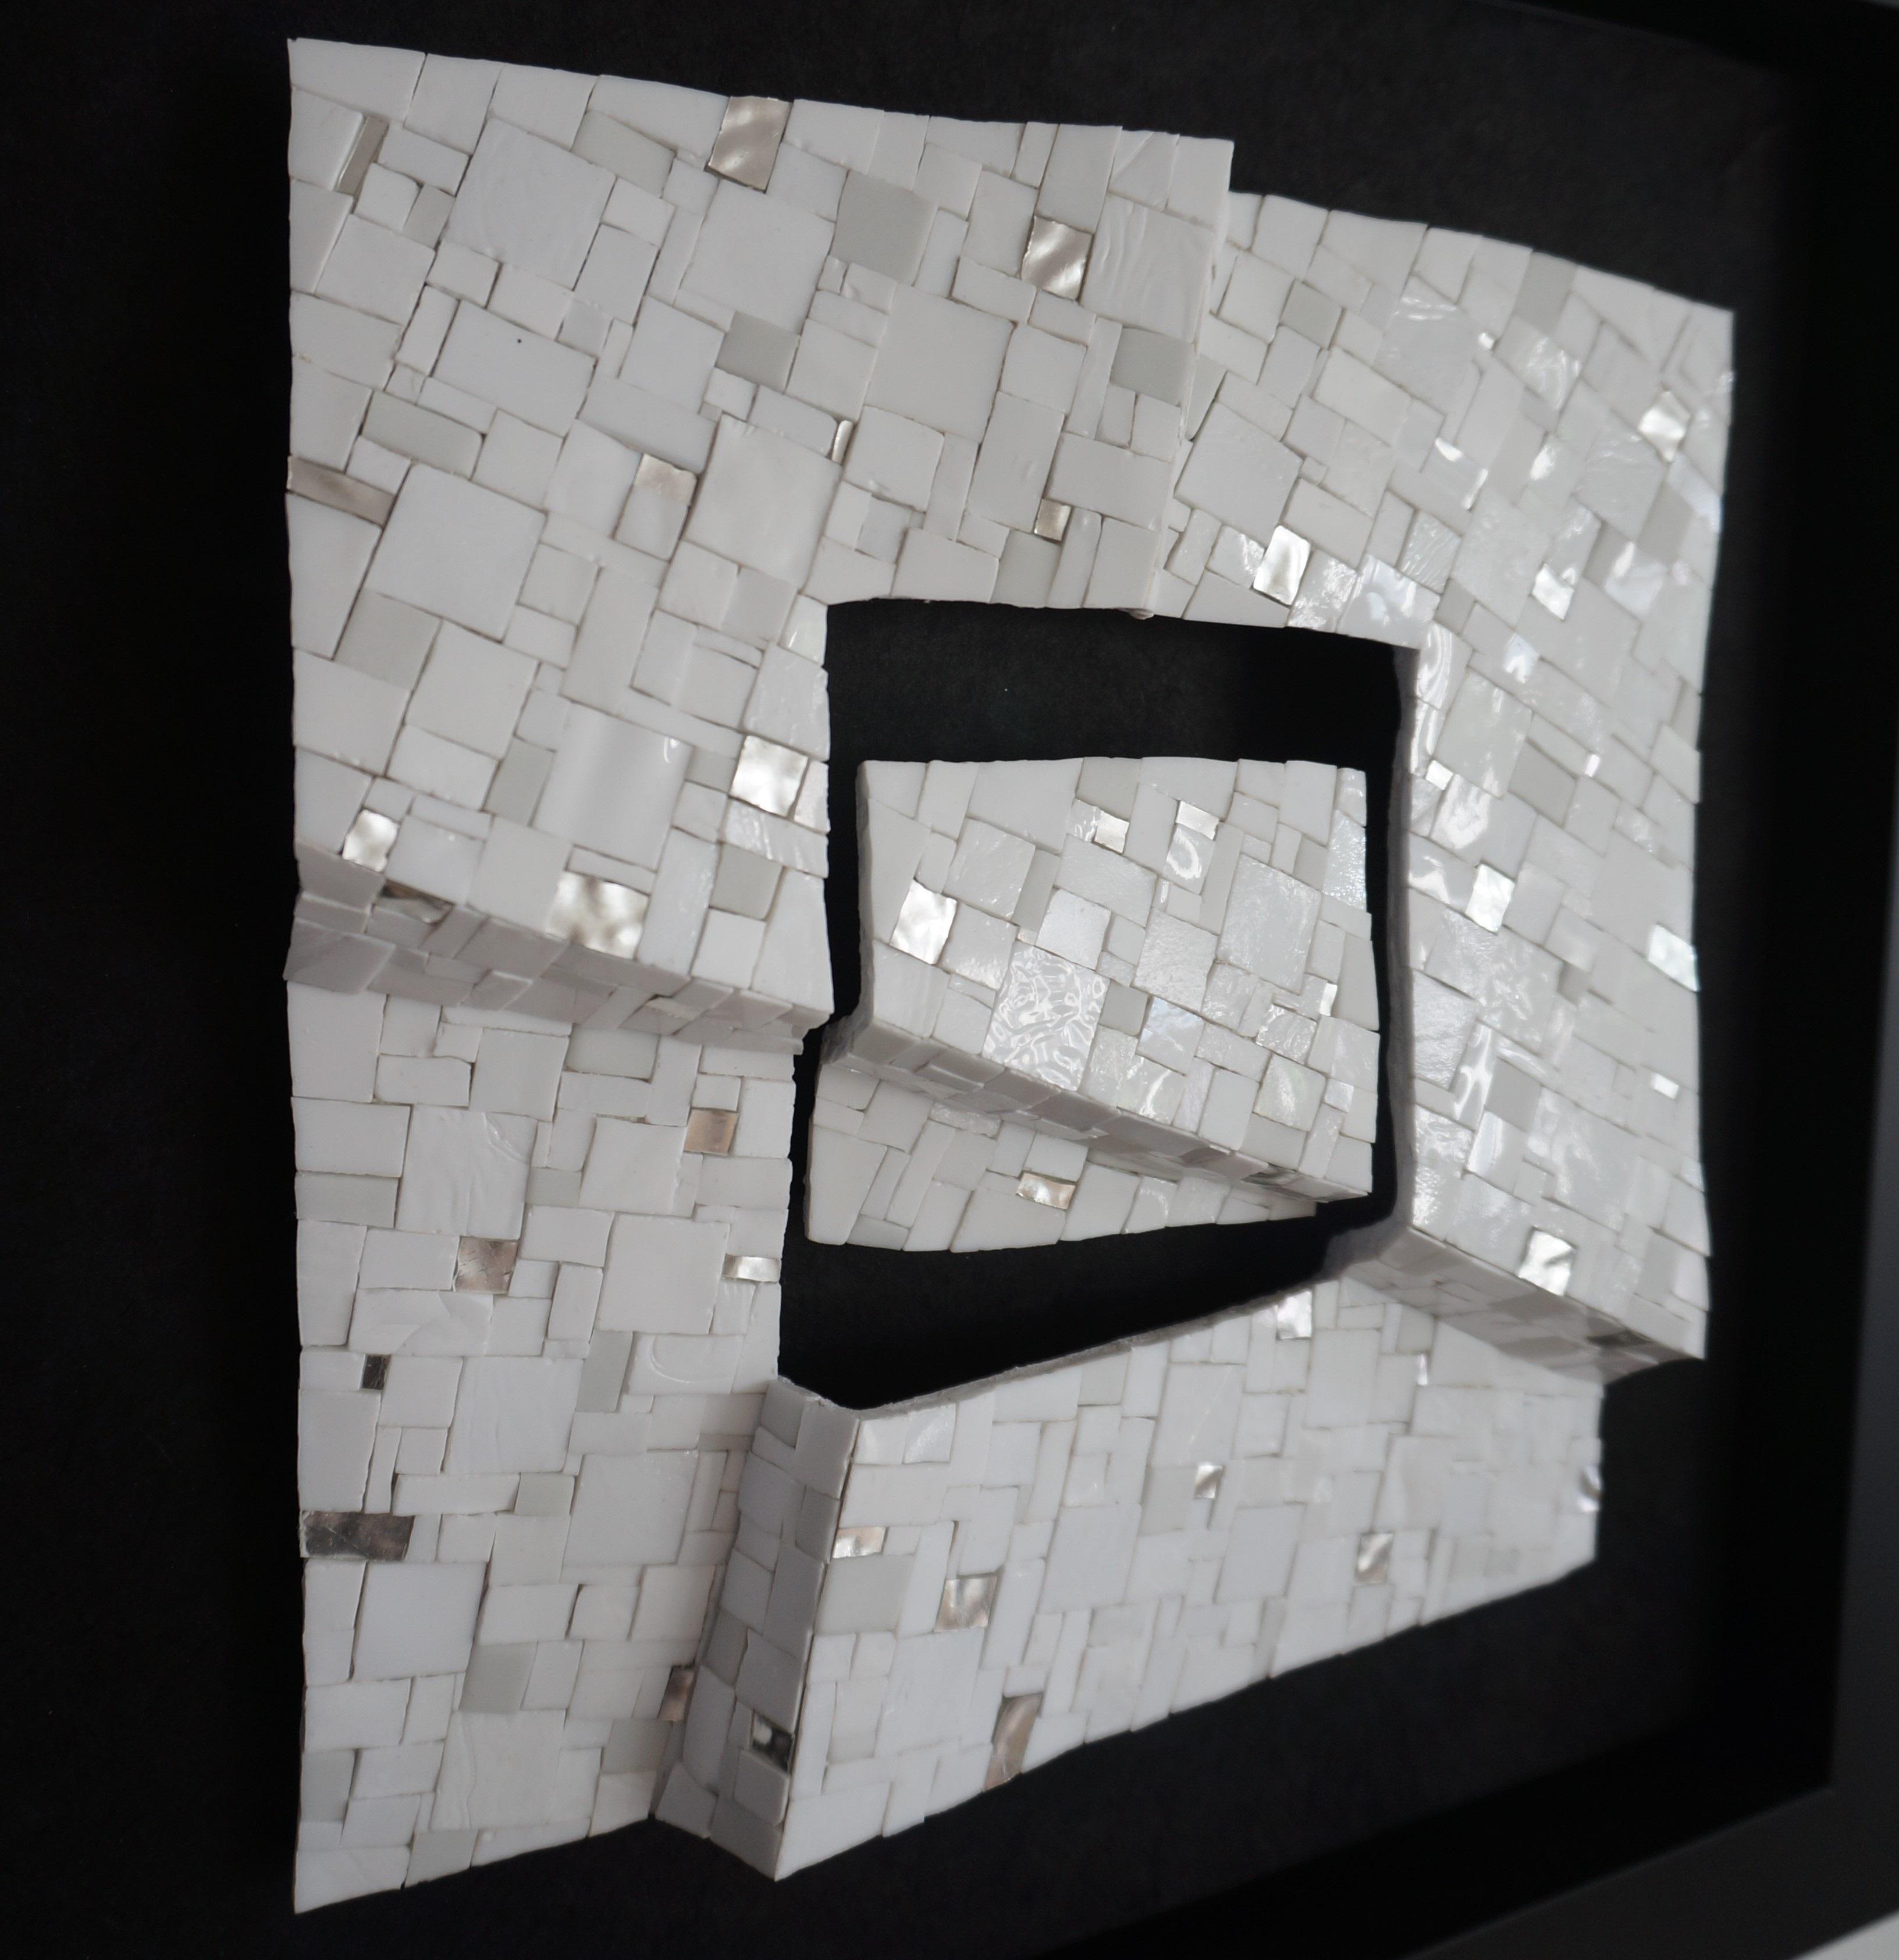 Shiro Piegare 8128 (6) White Black Silve